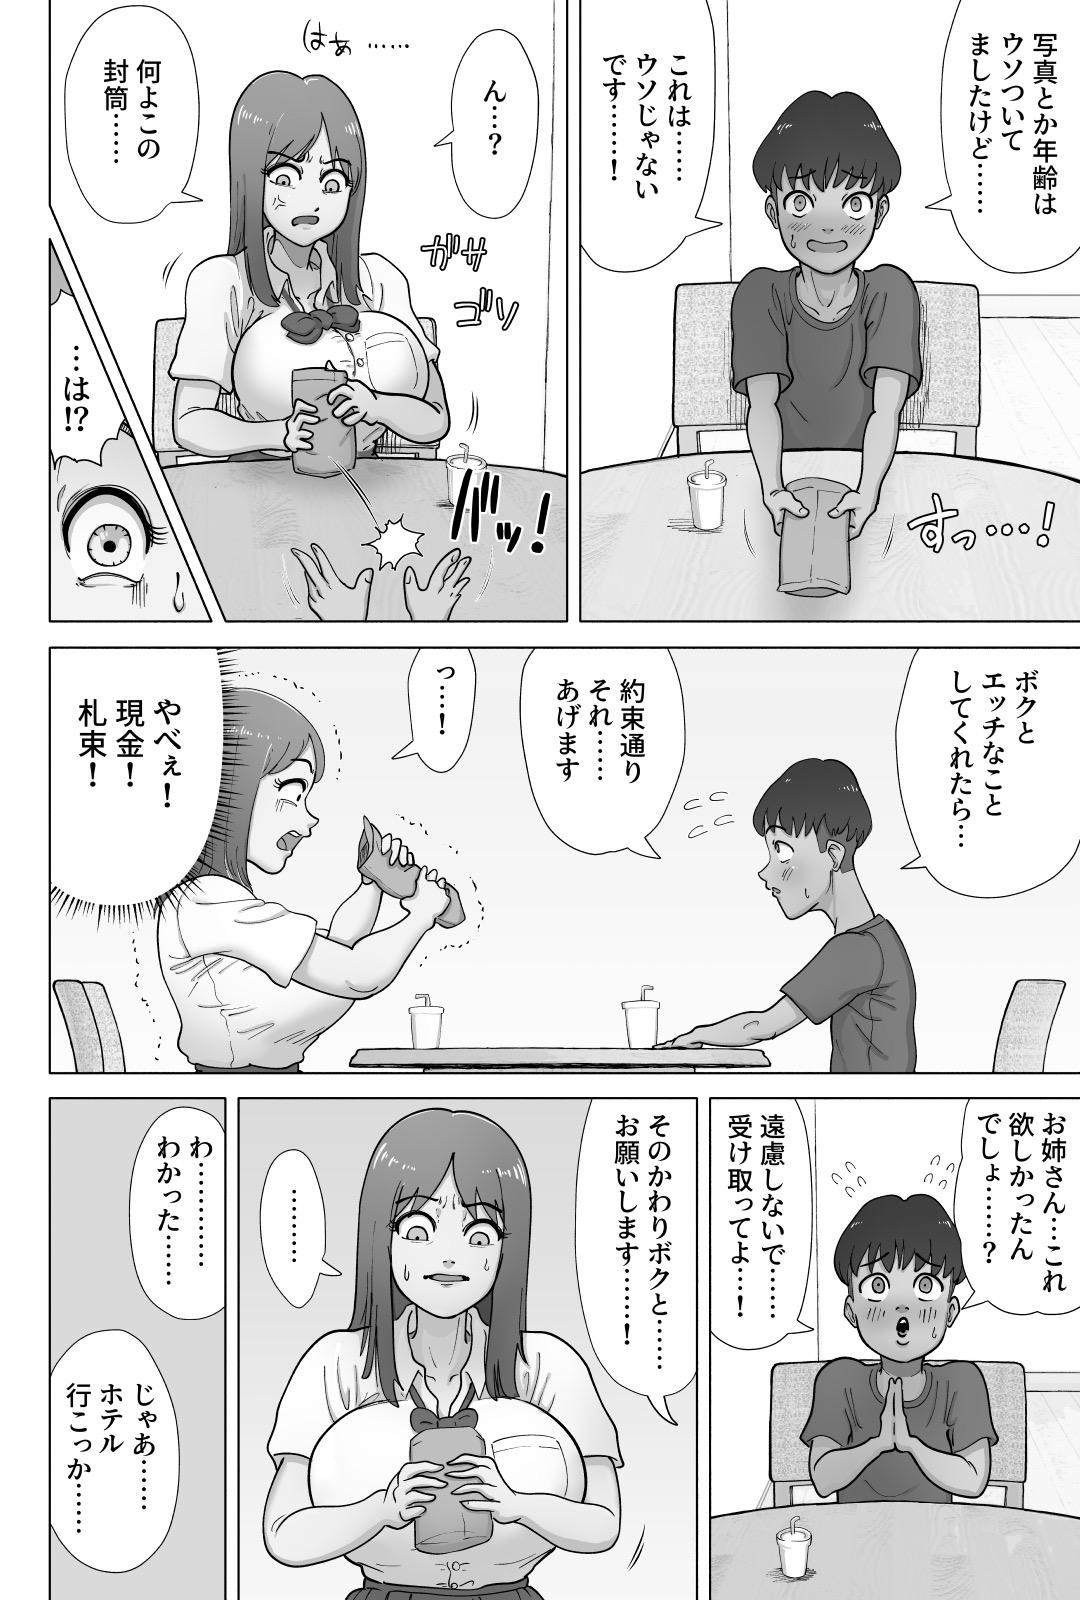 Papakatsu Shitetara Kusogaki no Pet ni Nacchatta Kyonyuu Gal 4